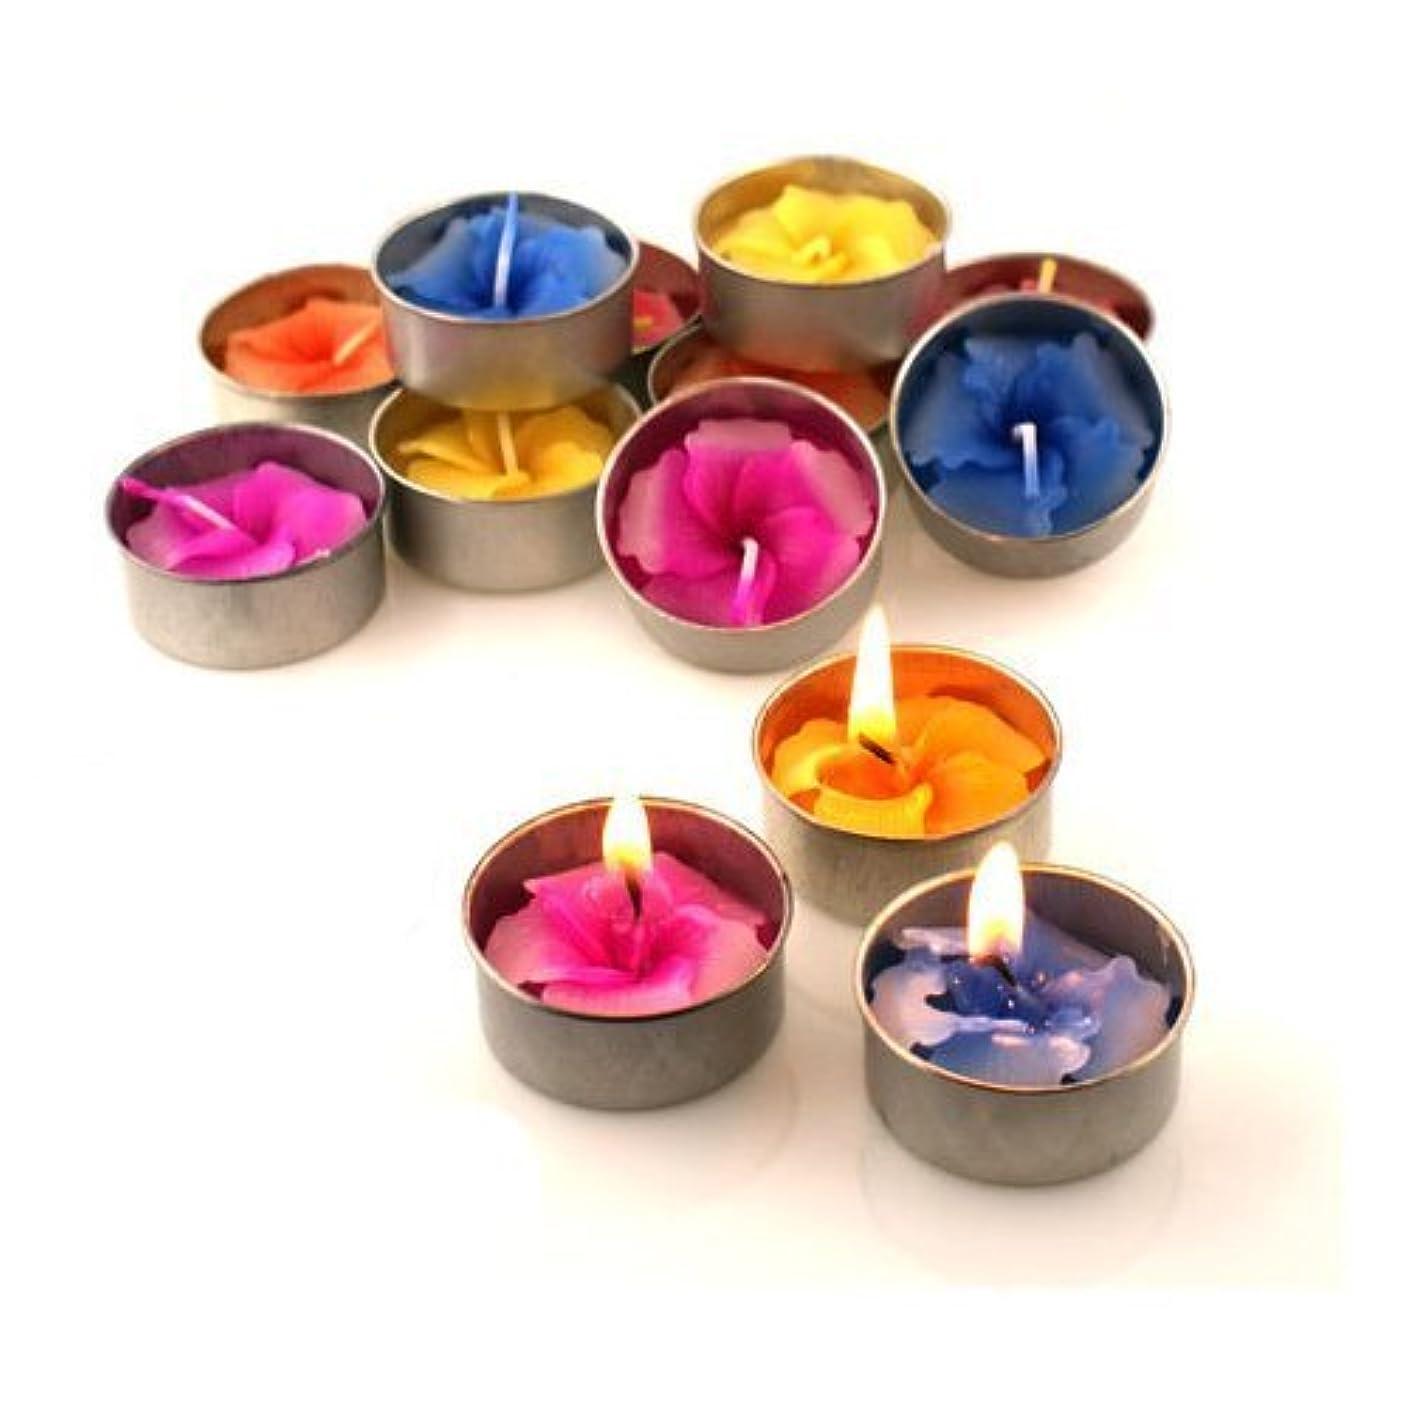 遅らせるすべてわがままRelax Spa Shop @ Hibiscus Candle in Tea Lights , Floating Candles, Scented Tea Lights ,Aromatherapy Relax, Decorative...